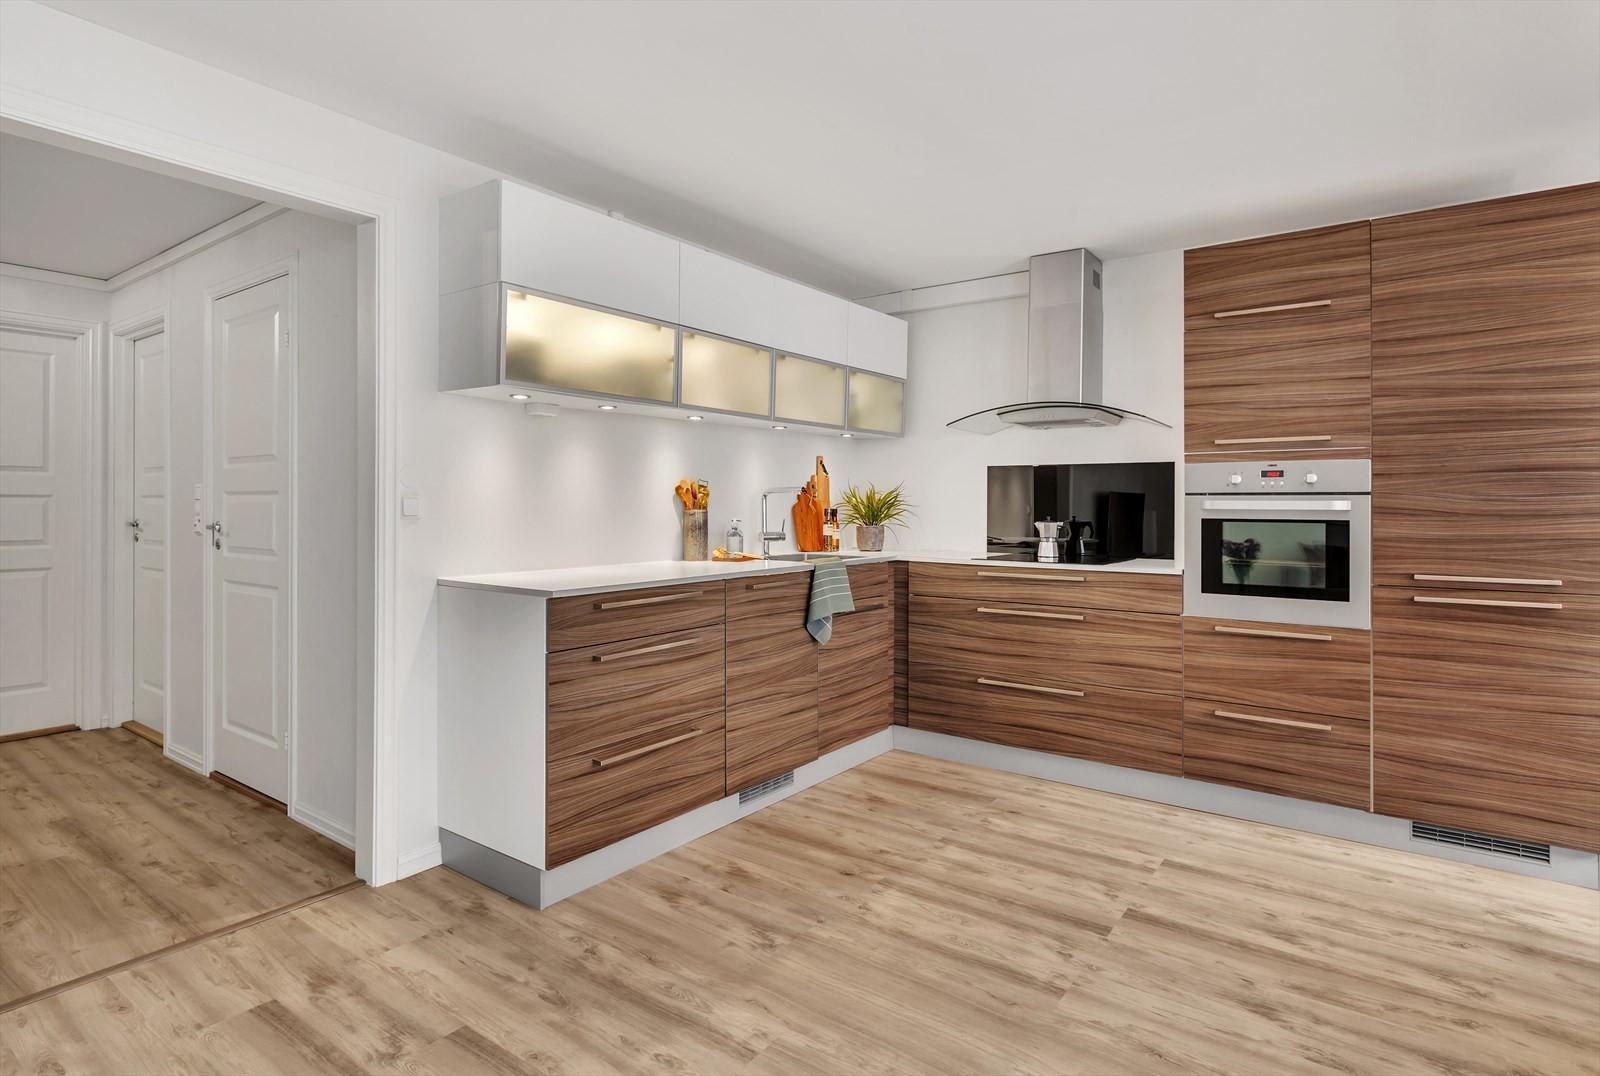 Kjøkkenet er fra KVIK med helintegrerte hvitevarer